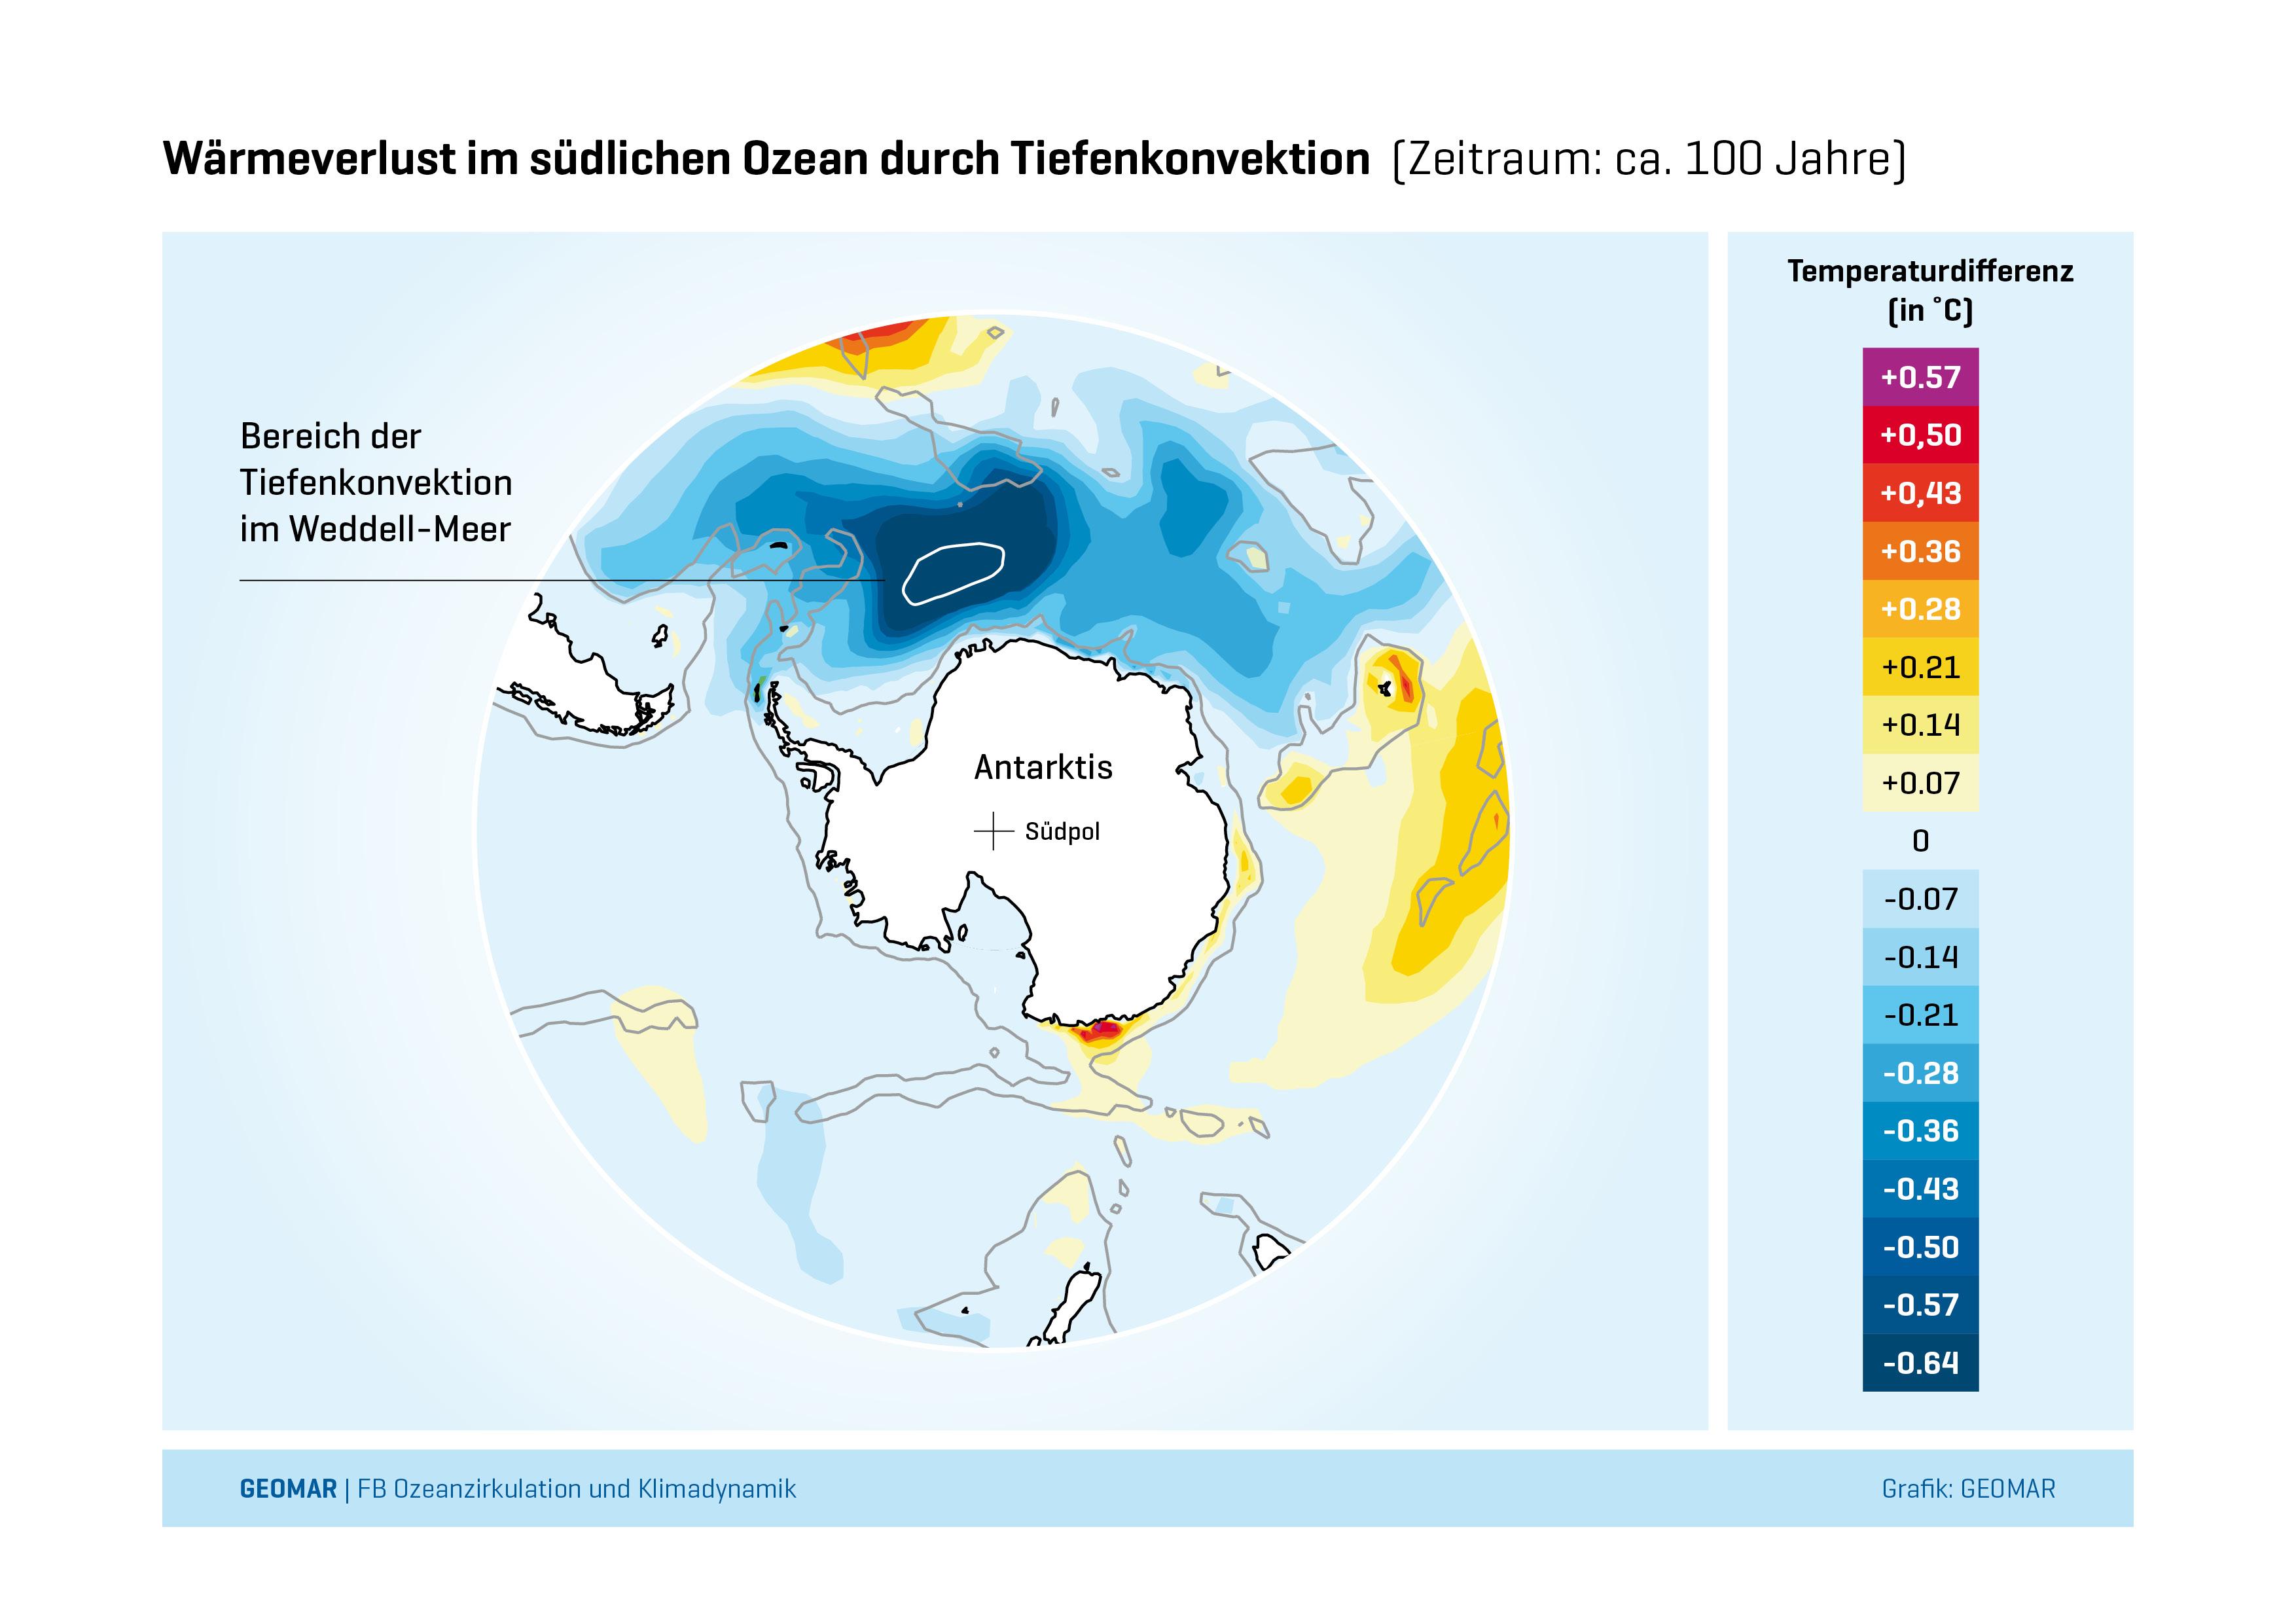 Natürliche Klimaschwankungen